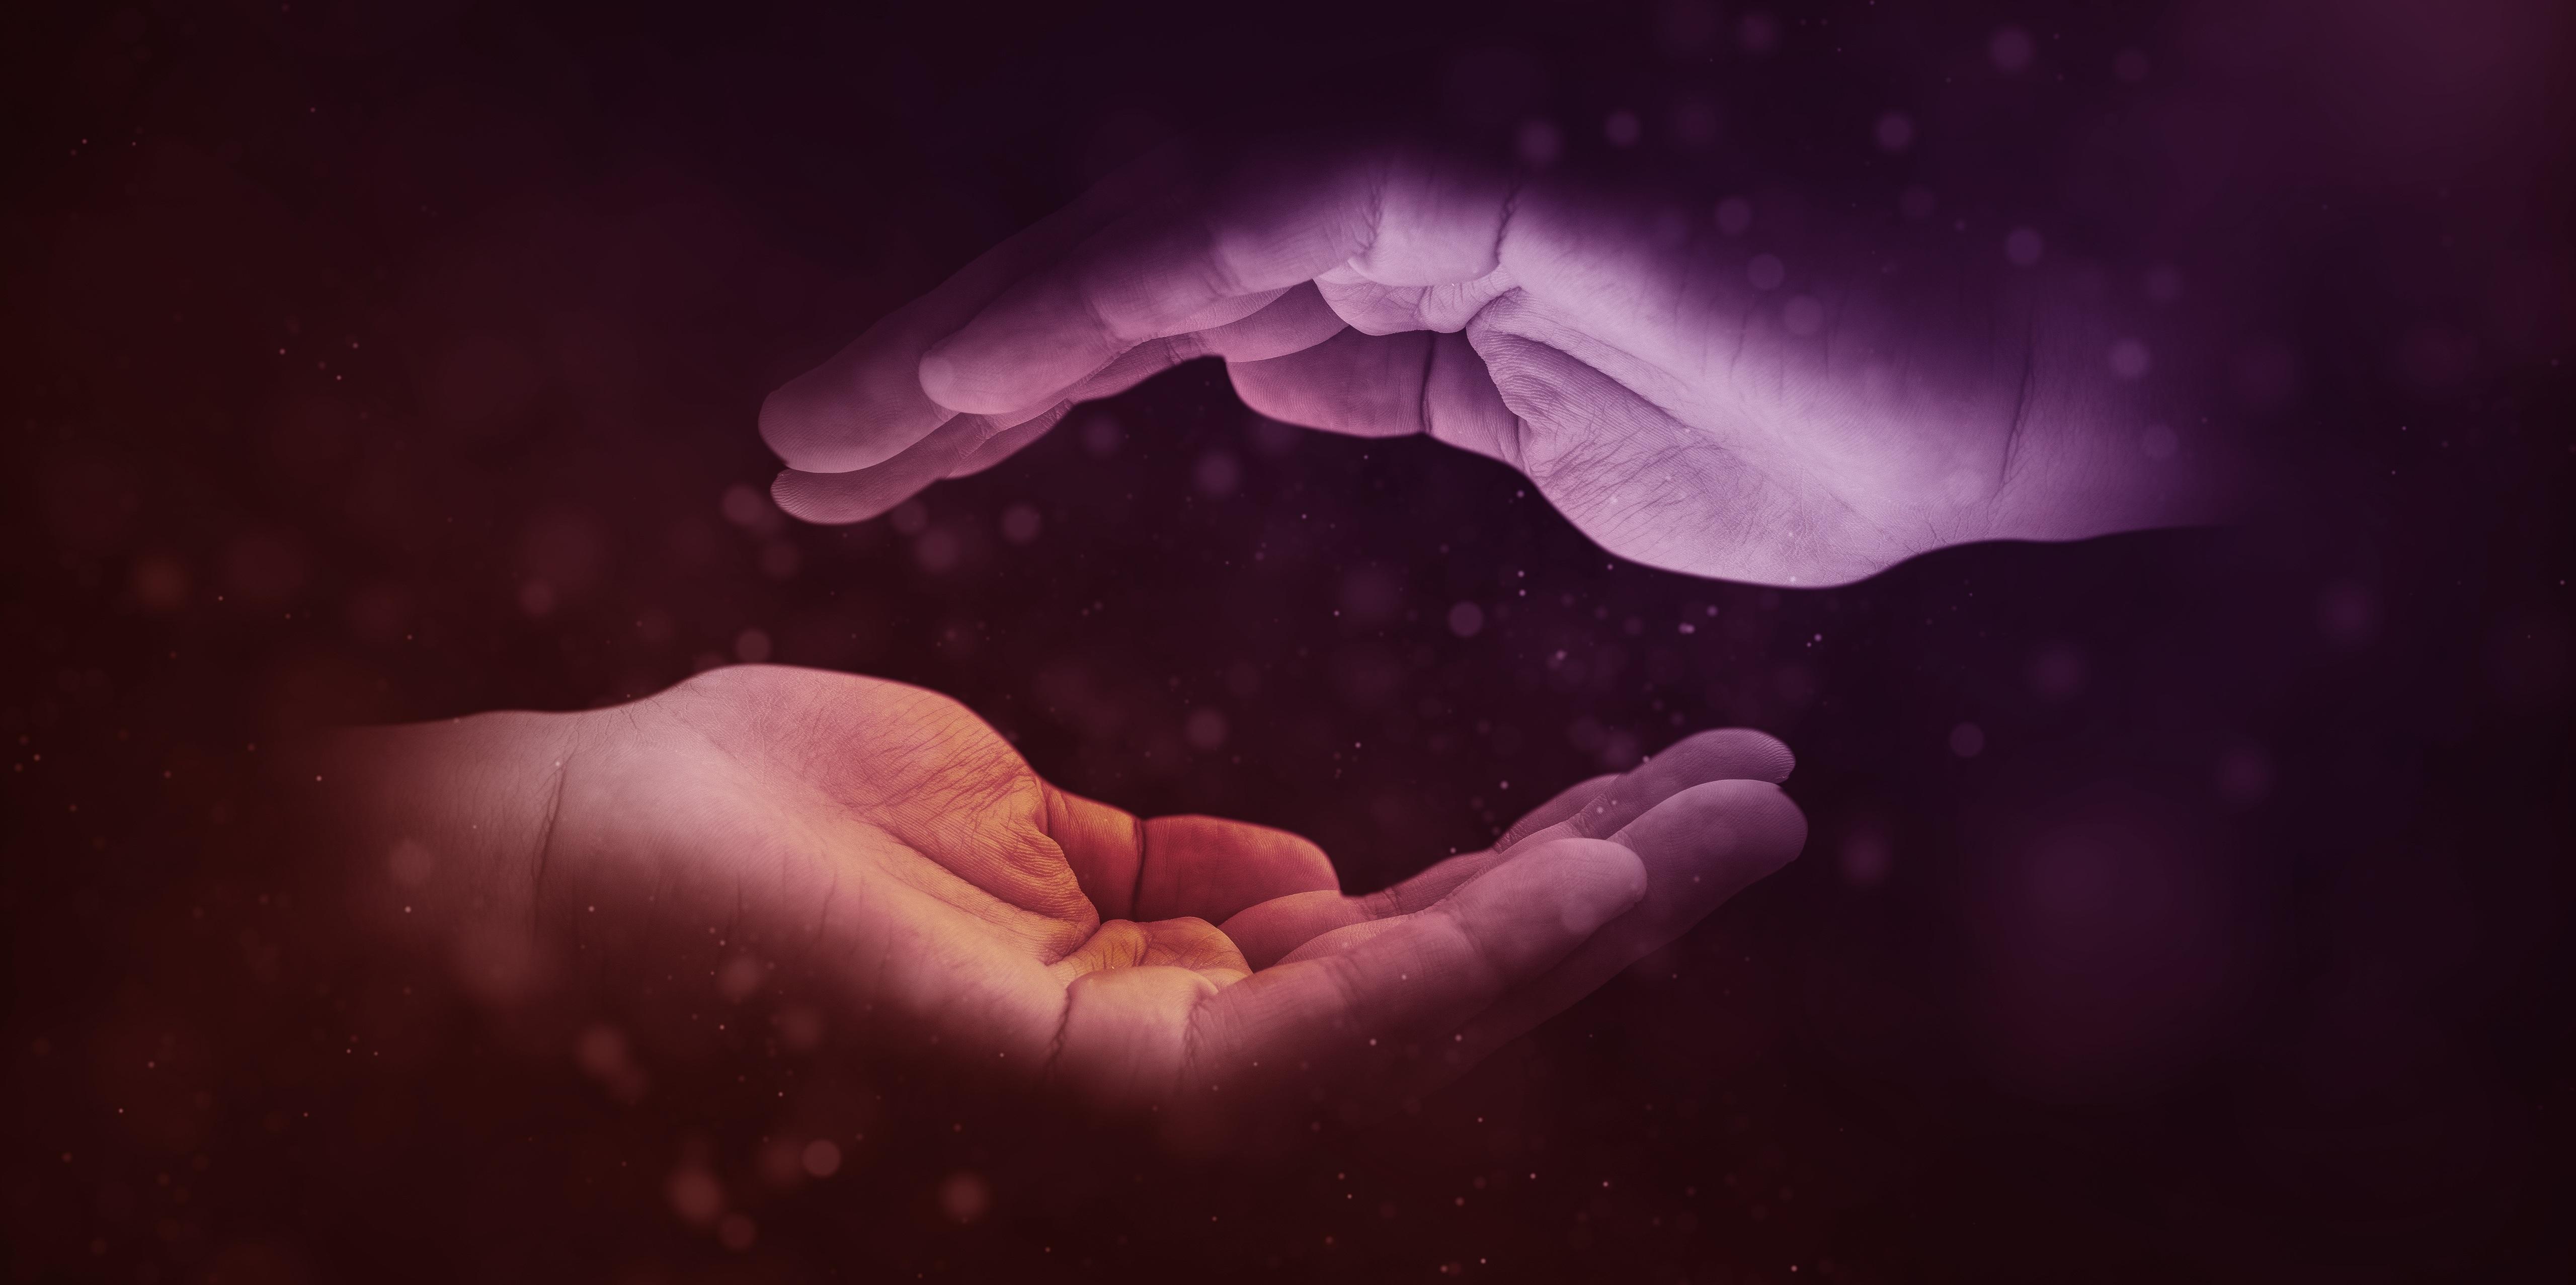 hands-1947915